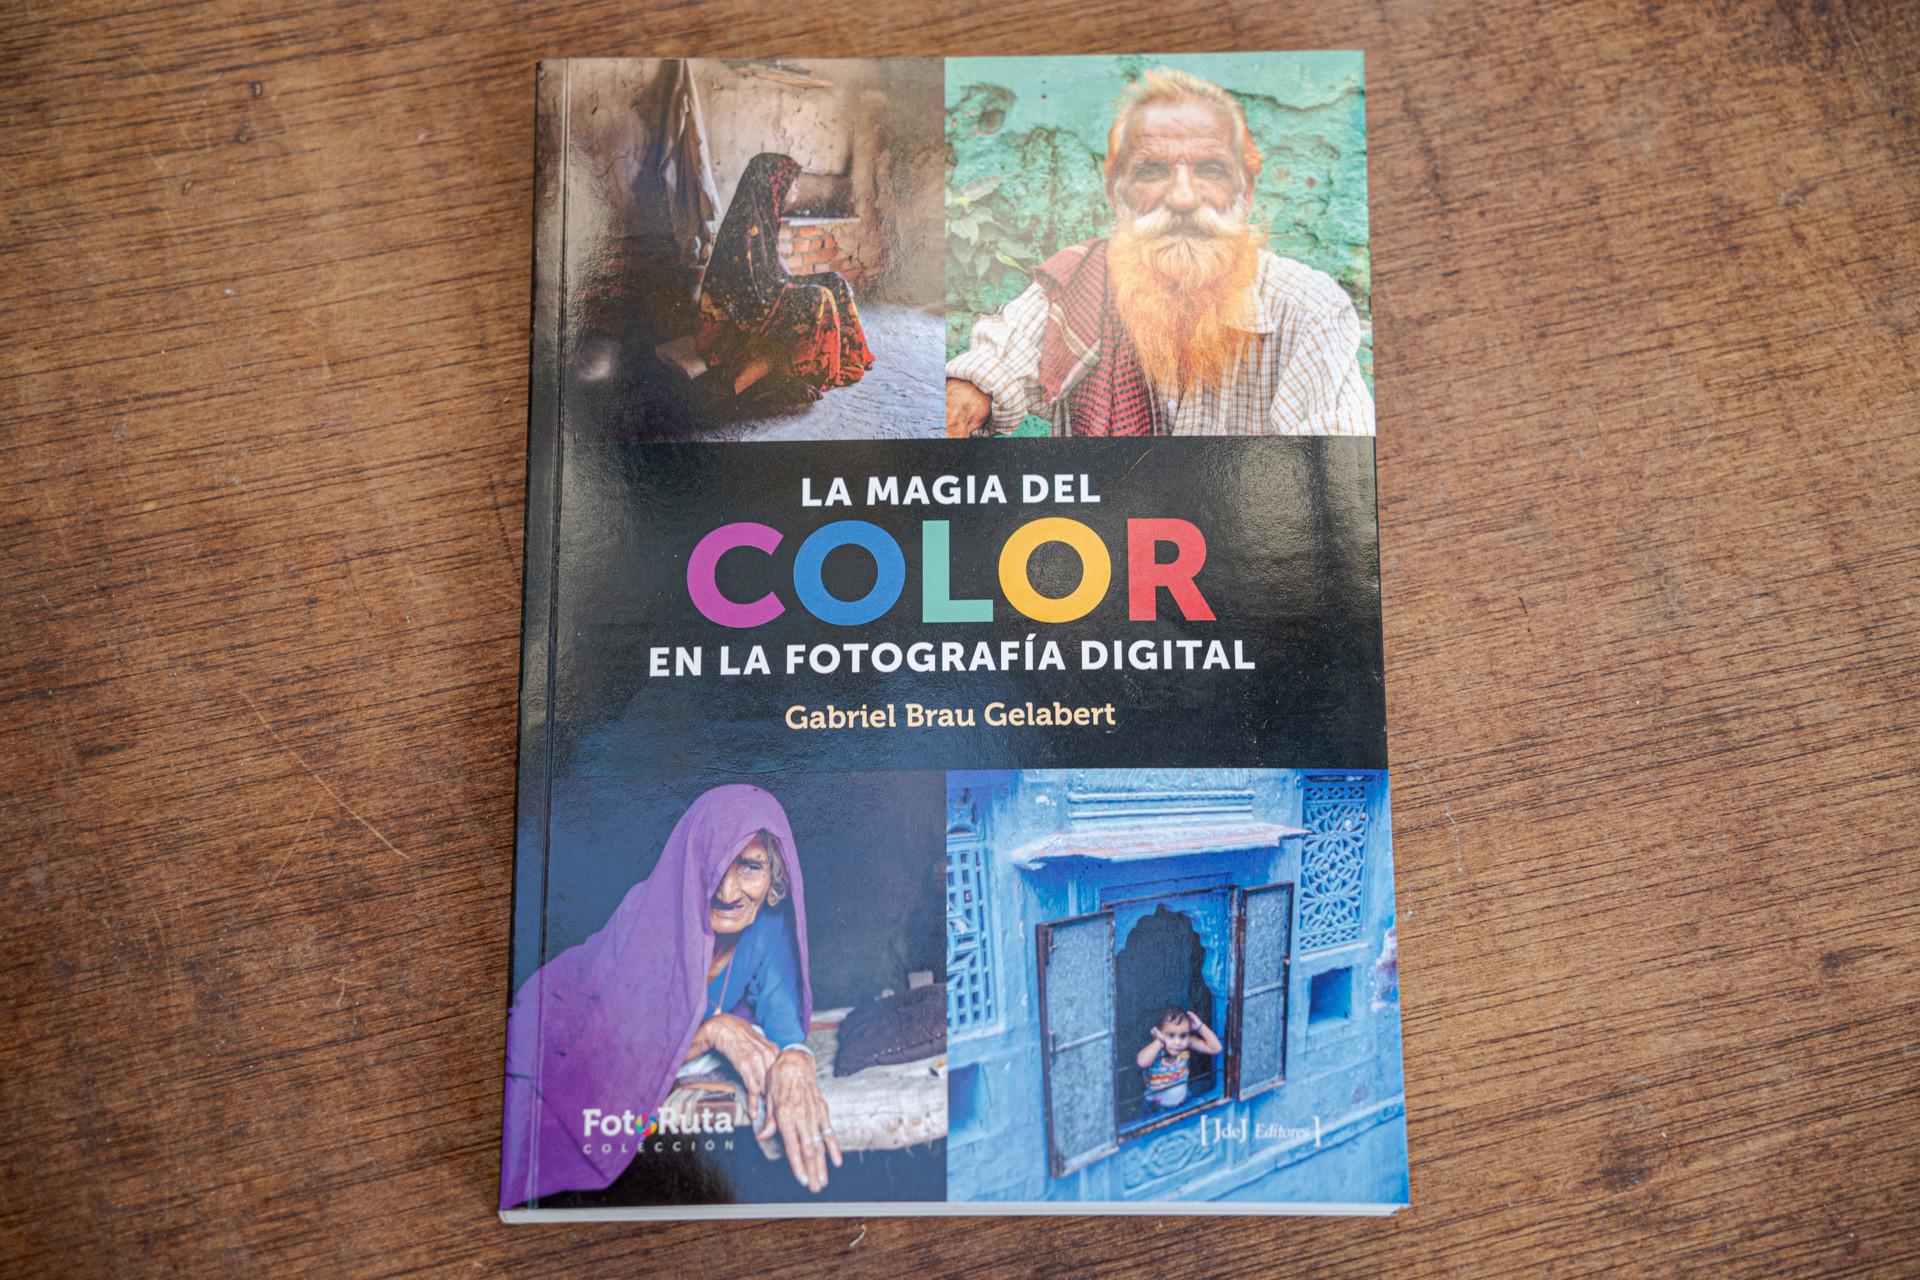 'La magia del color en la fotografía digital'